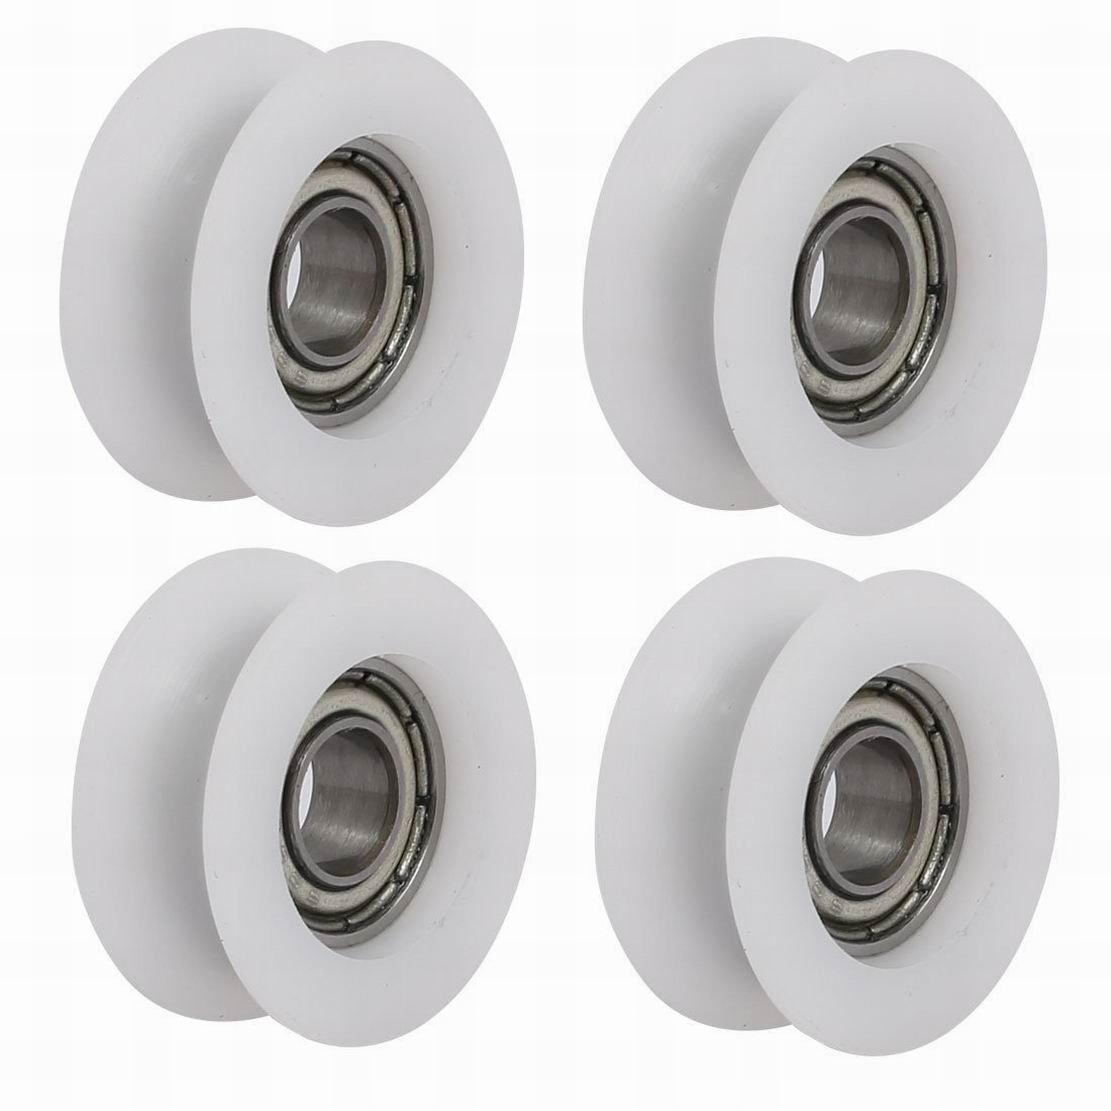 fuxell 6 mmx20mmx8.5 mm U Groove rodamientos Polea Rueda para puerta corredera de cristal blanco 4 piezas: Amazon.es: Amazon.es